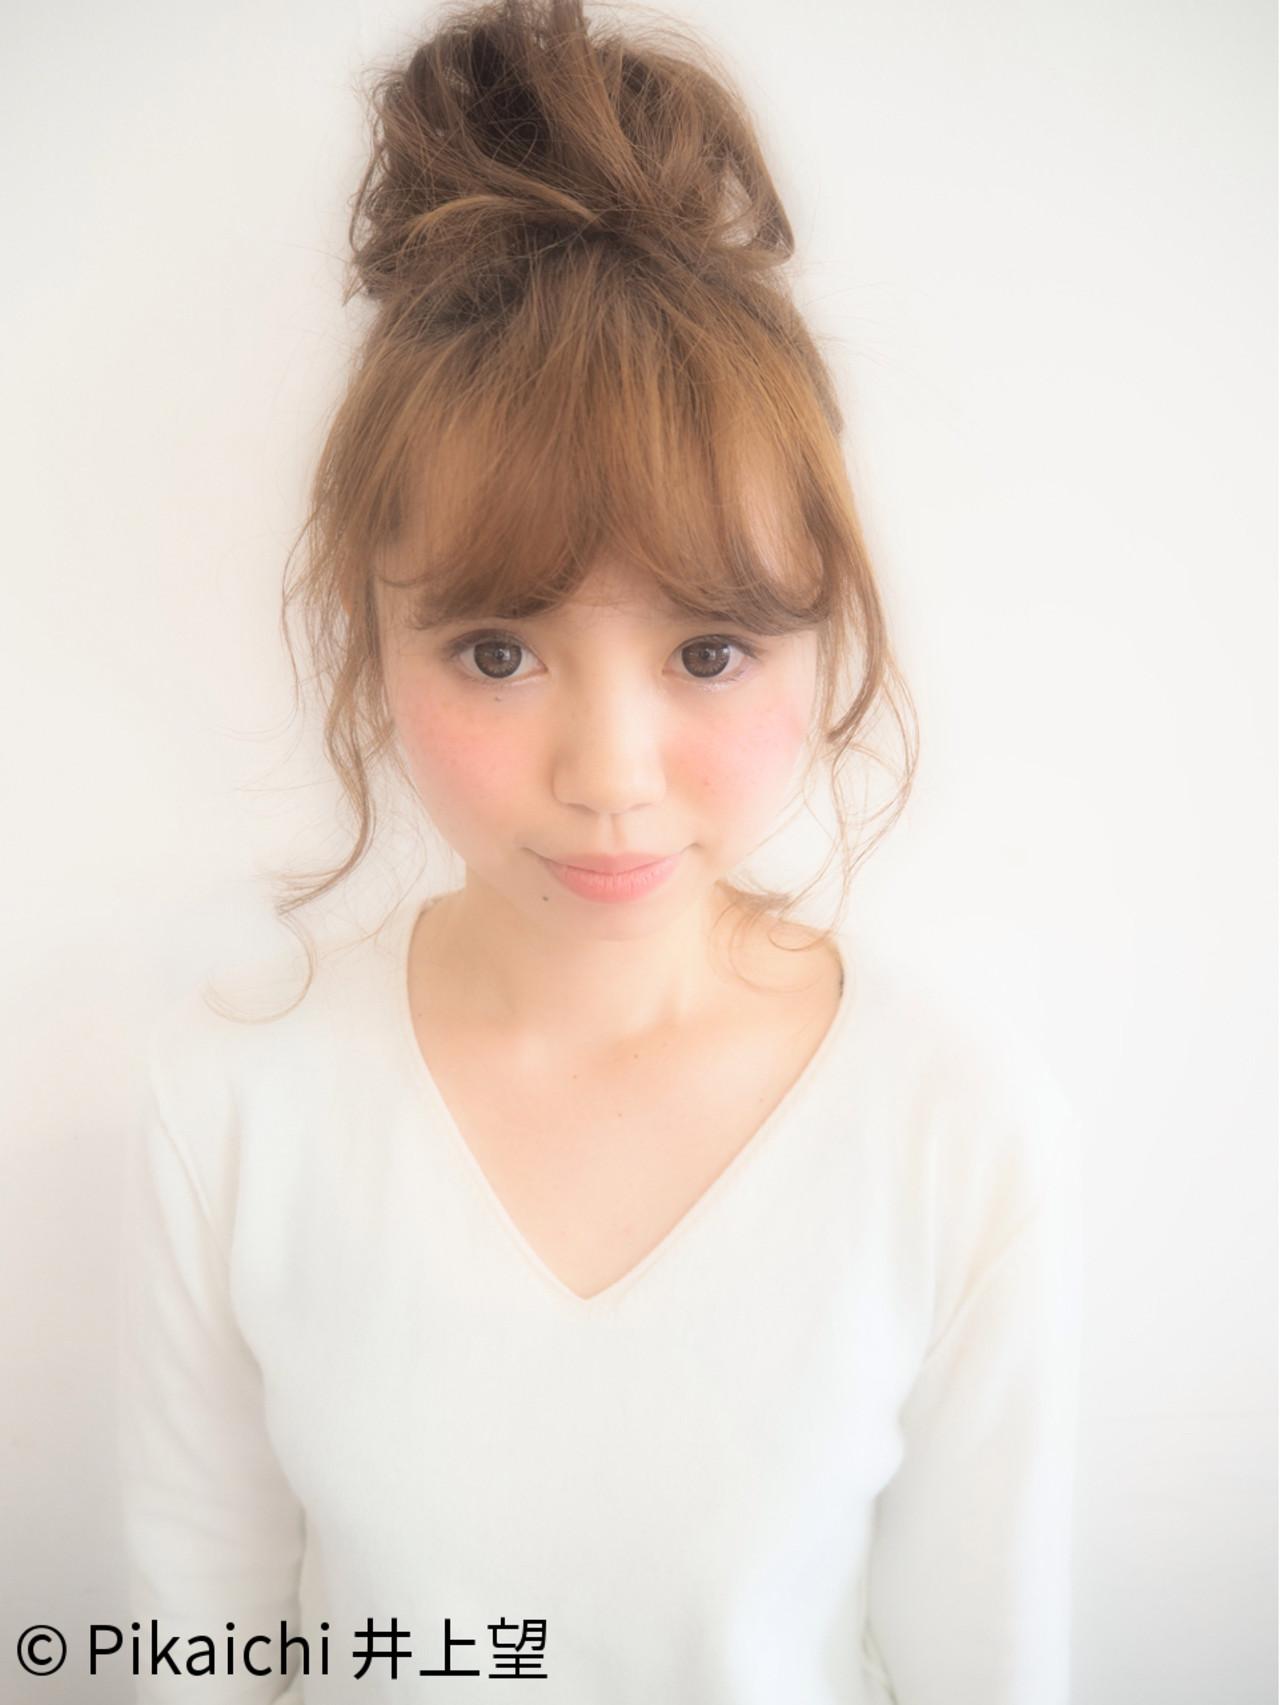 セミロング お団子 簡単ヘアアレンジ ゆるふわヘアスタイルや髪型の写真・画像